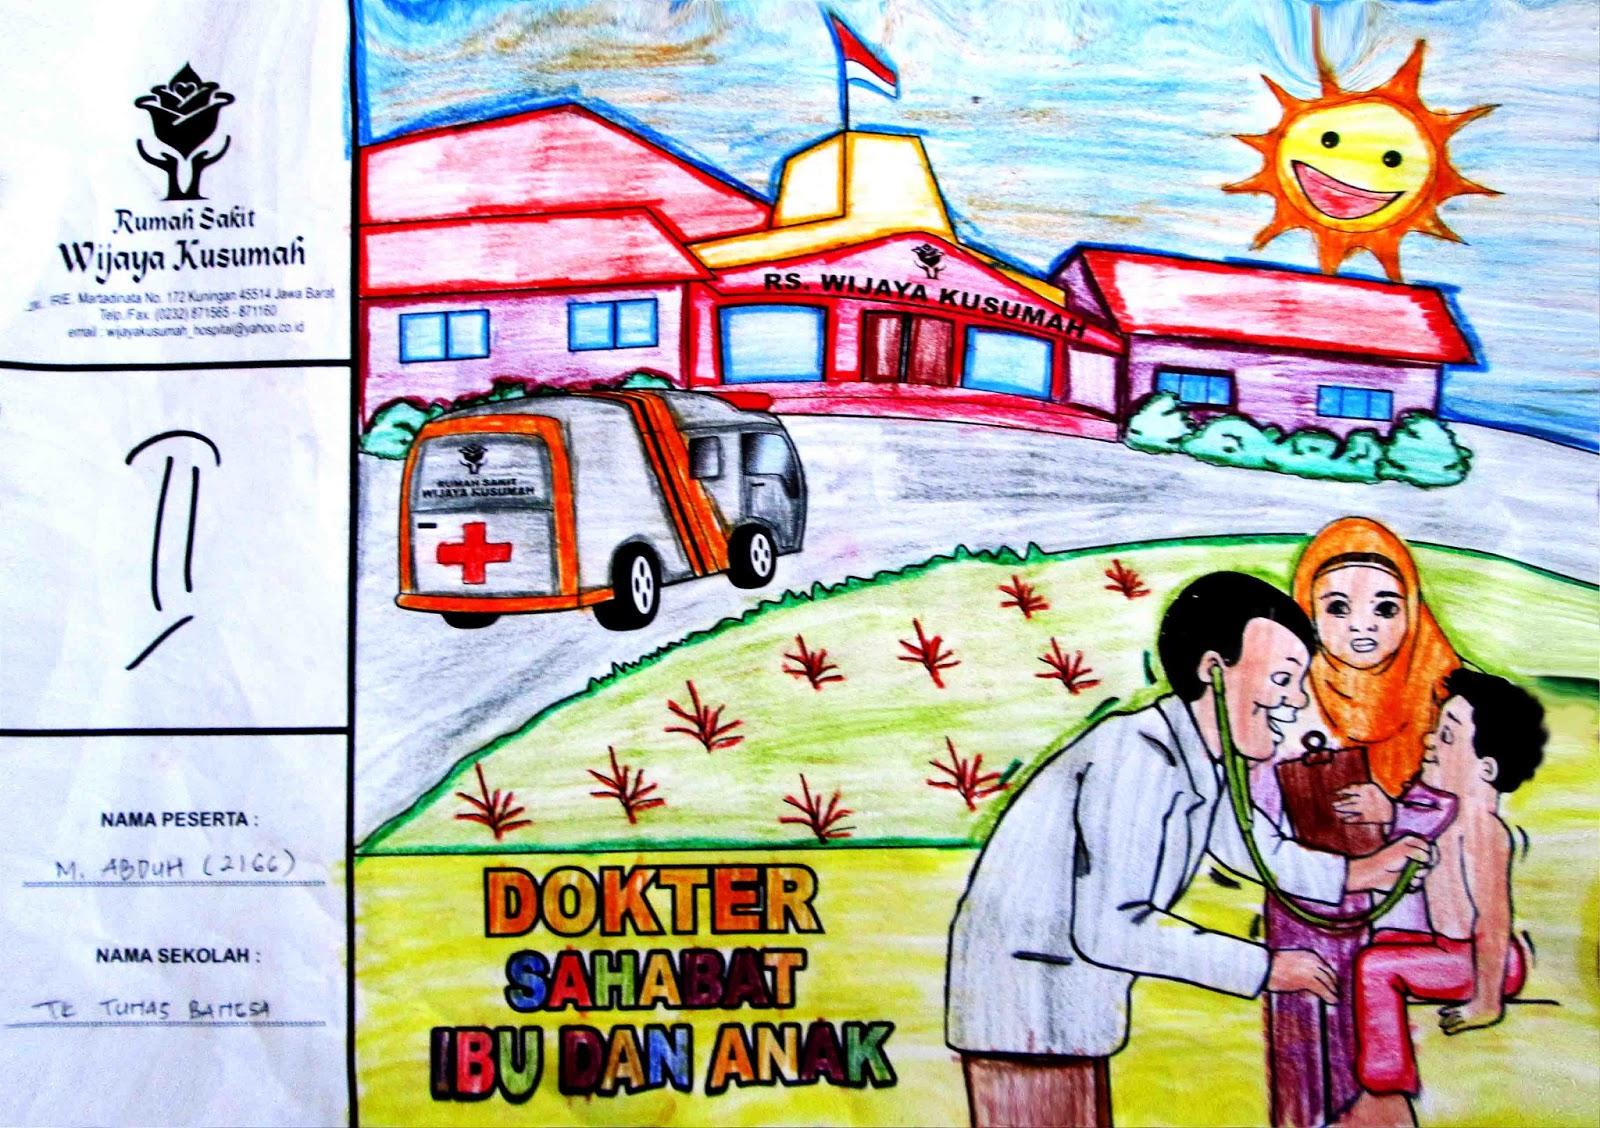 Rumah Sakit Wijaya Kusumah Lomba Mewarnai Tingkat Paud Dan Tk